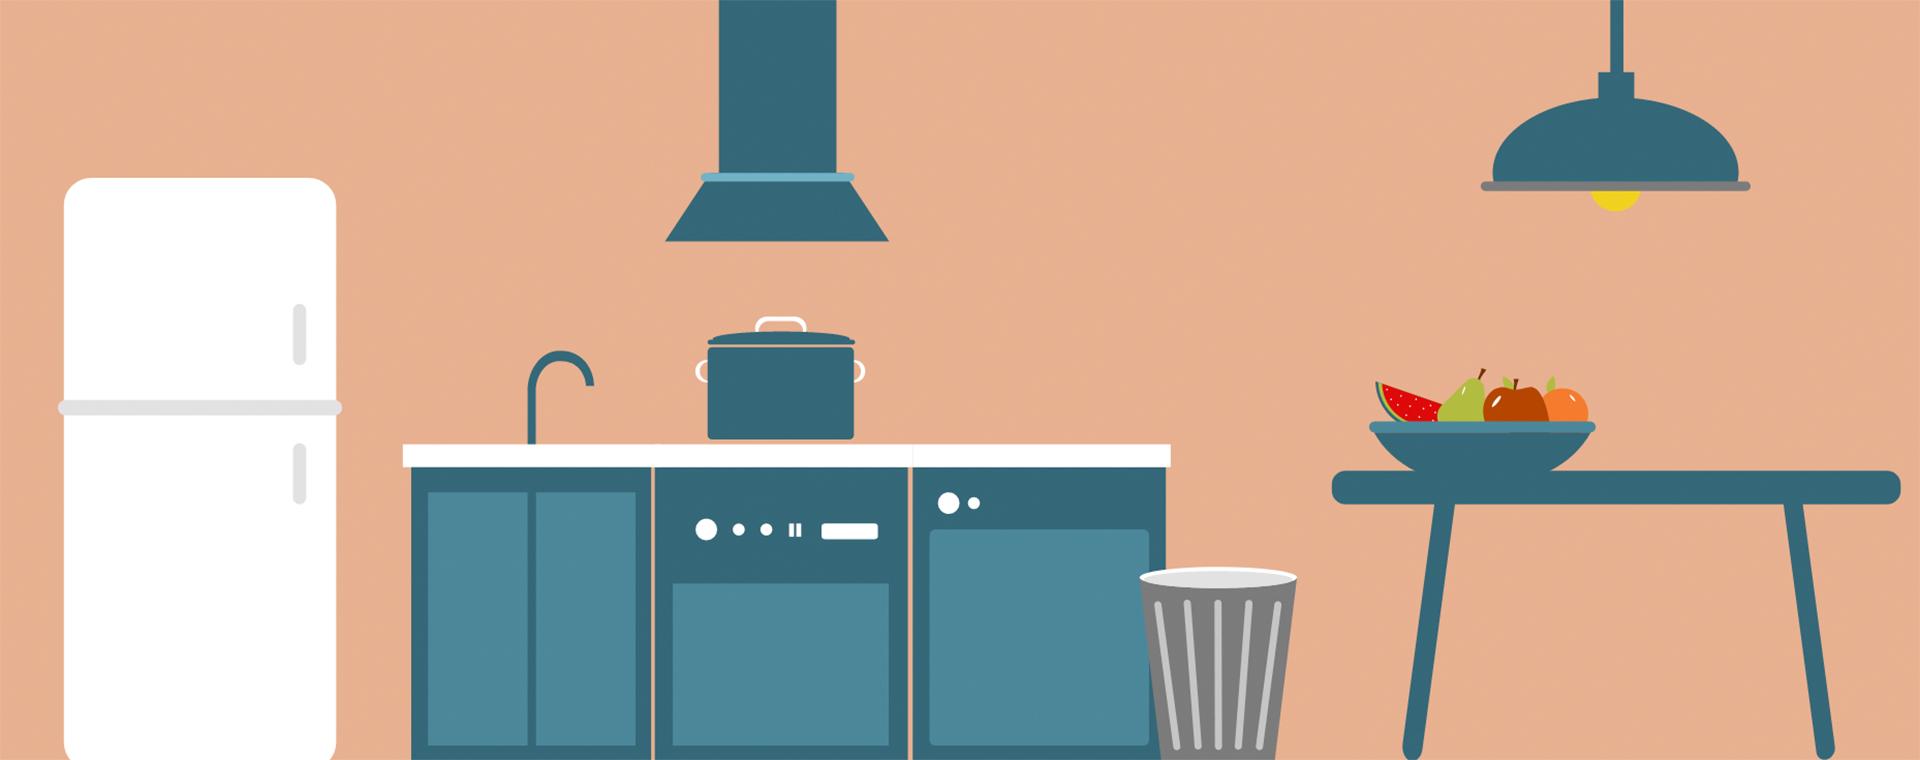 Grafisches Bild einer vereinfacht dargestellten Küche mit Esstisch (eigene Darstellung).